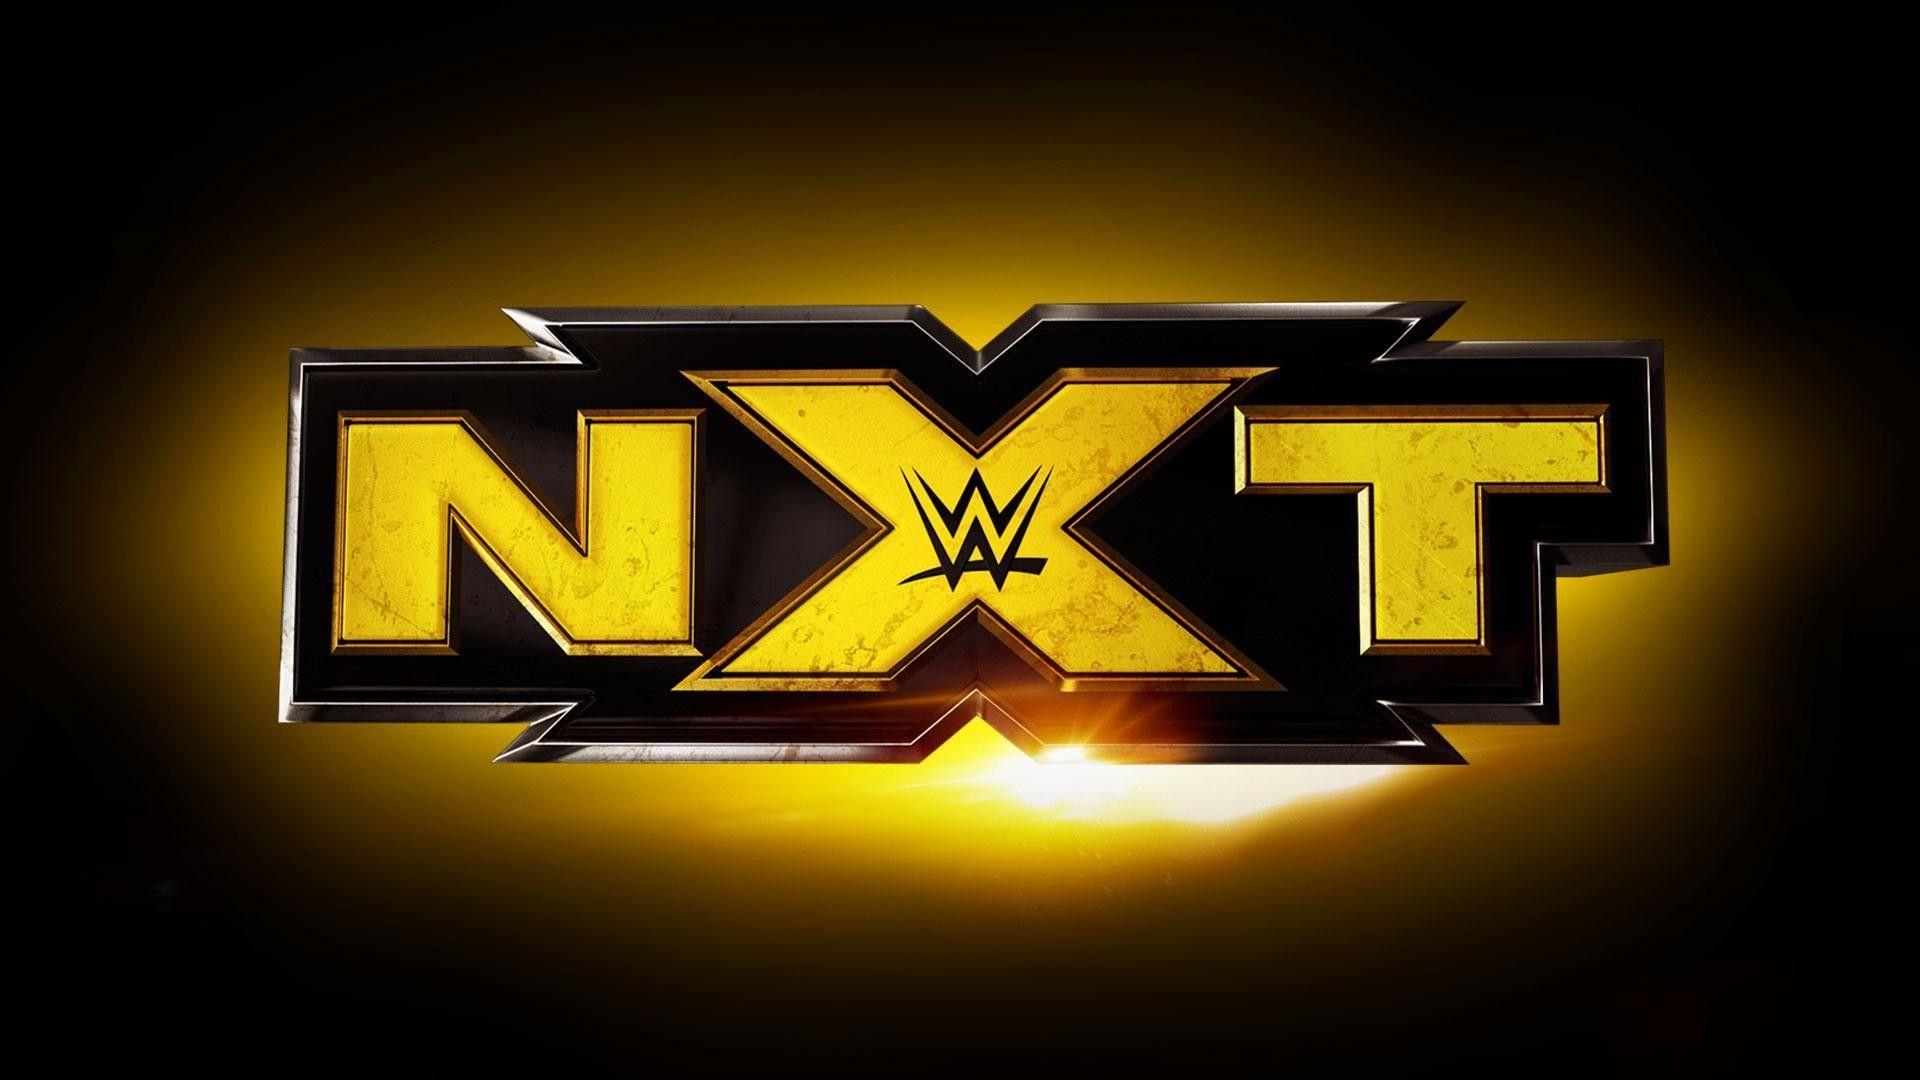 Wallpaper Nxt Wwe Hd 2021 Live Wallpaper Hd Watch Wrestling Wwe Wwe News